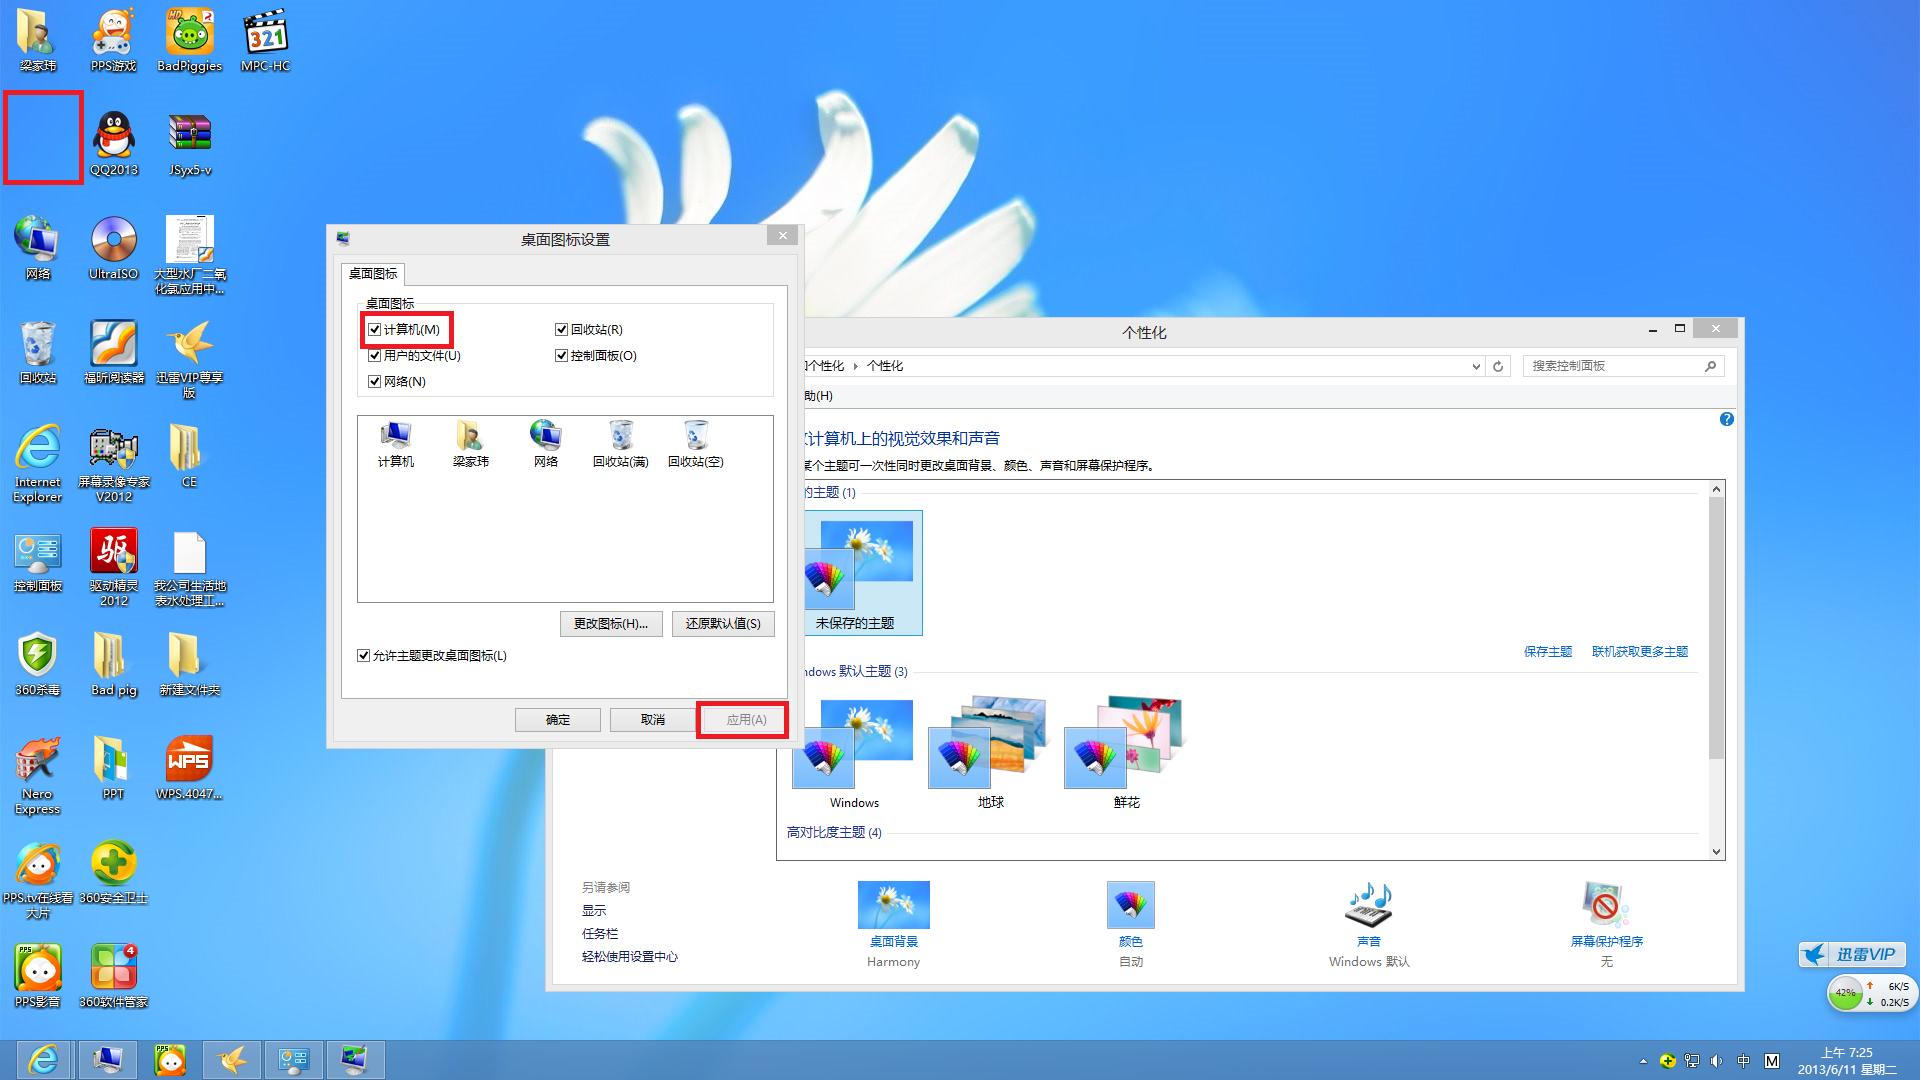 win7 显示桌面 gpt分区安装win7 win7 命令 win7 排序方式高清图片